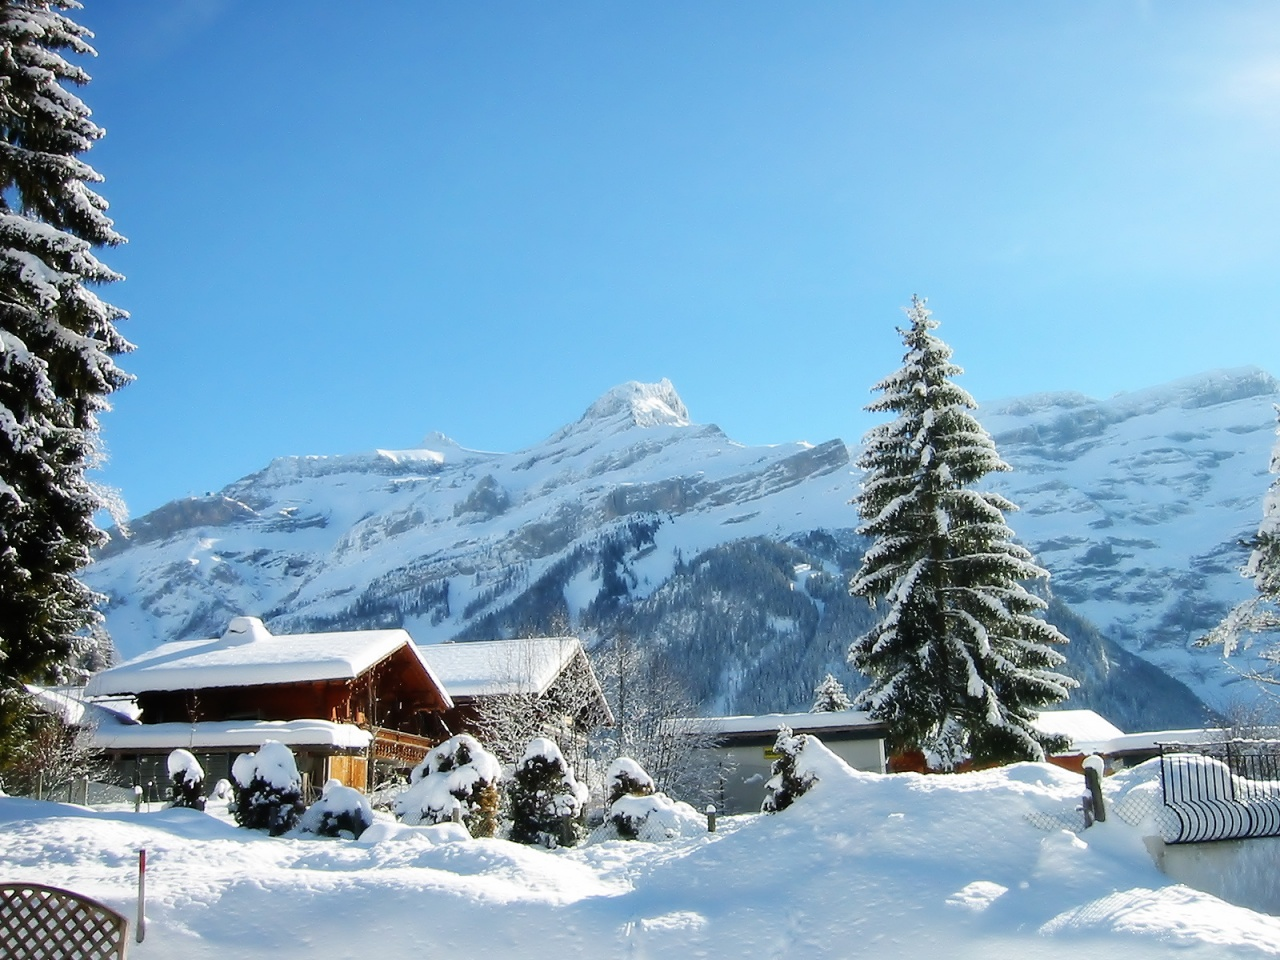 Winter Holiday - winter wallpaper